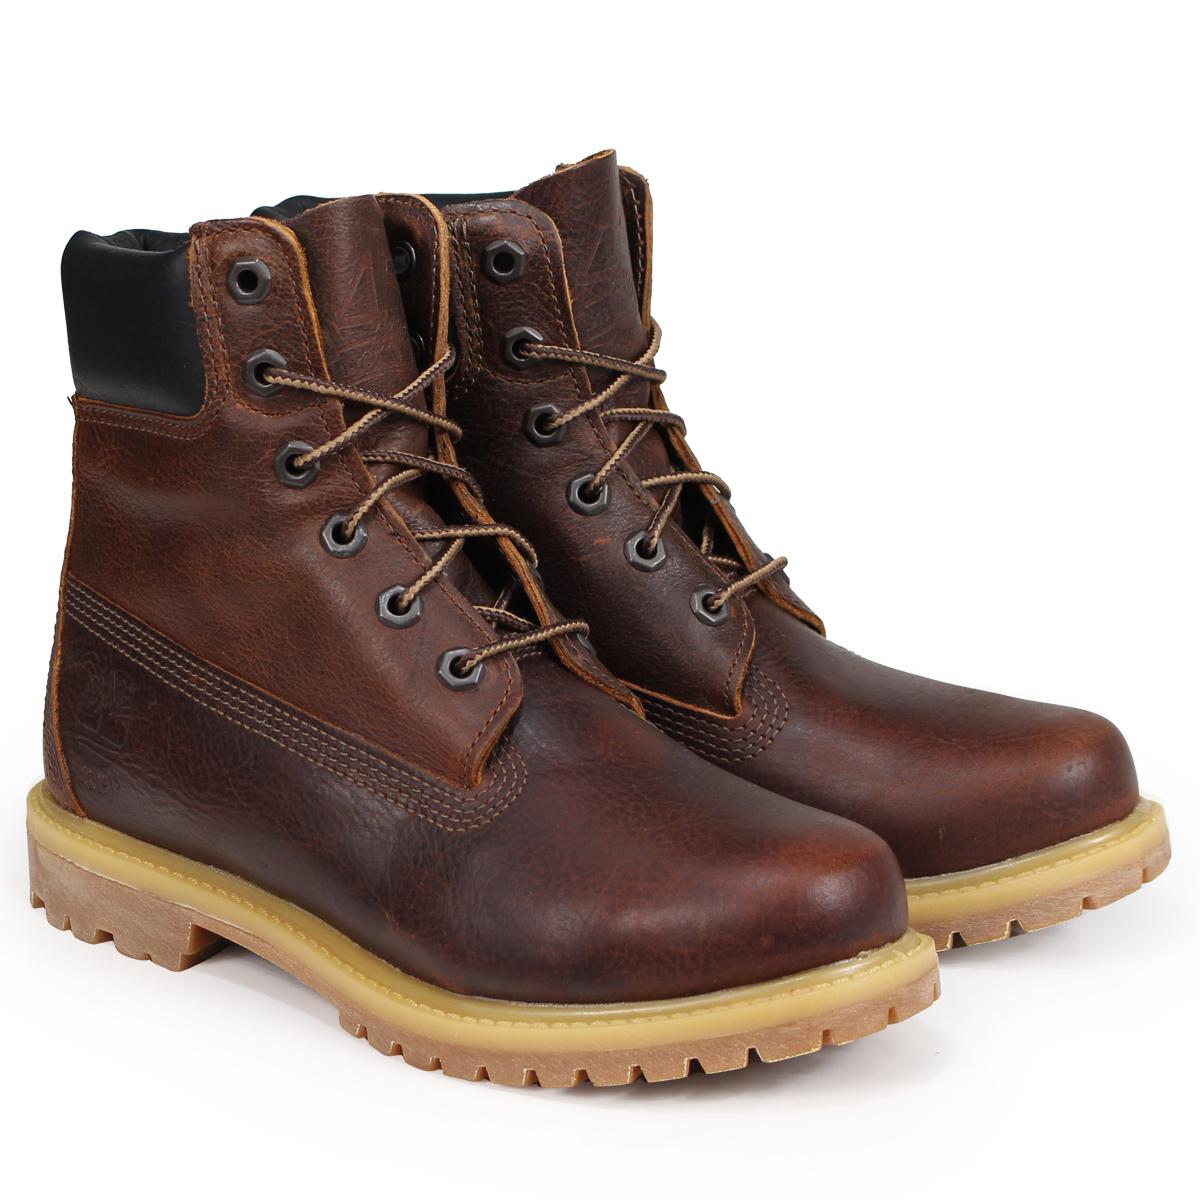 Timberland 6-INCH PREMIUM BOOTS ティンバーランド ブーツ 6インチ メンズ レディース Wワイズ ブラウン A1TLM [3/19 追加入荷]